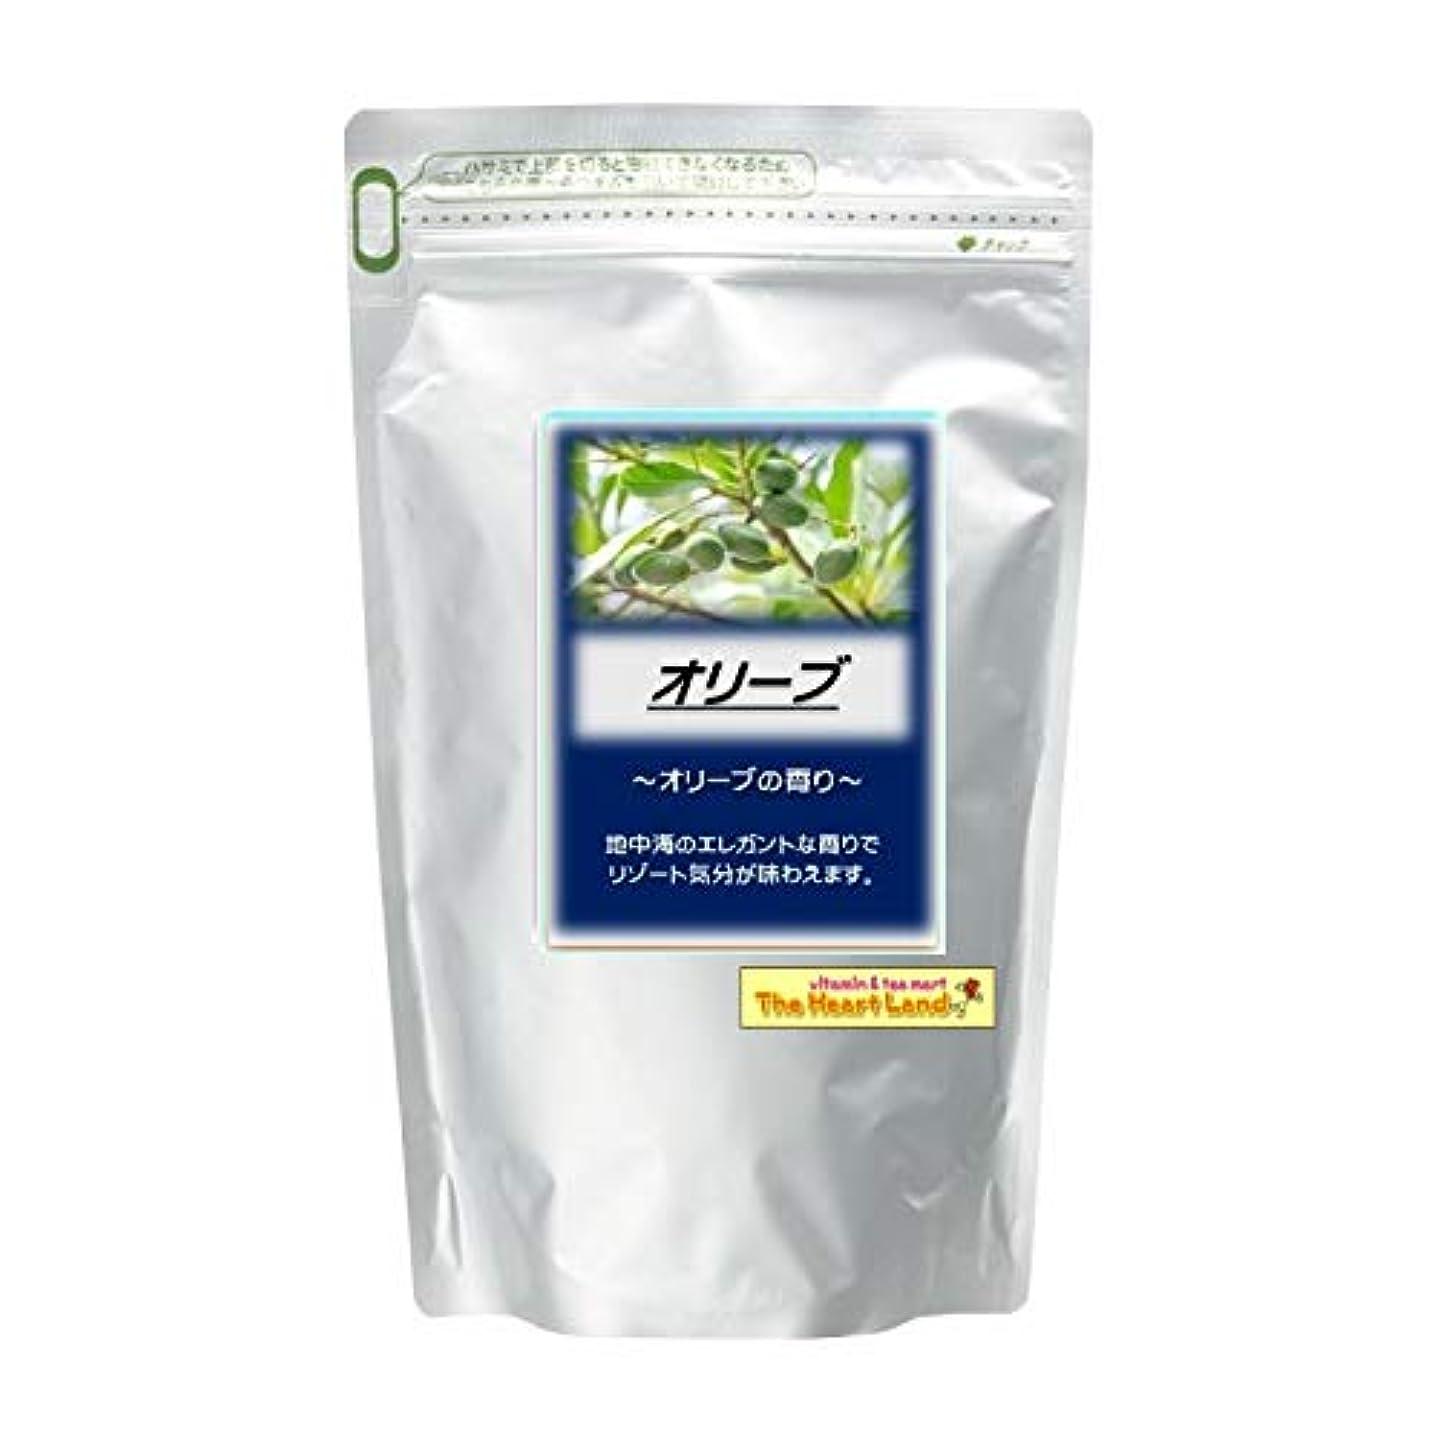 アサヒ入浴剤 浴用入浴化粧品 オリーブ 2.5kg